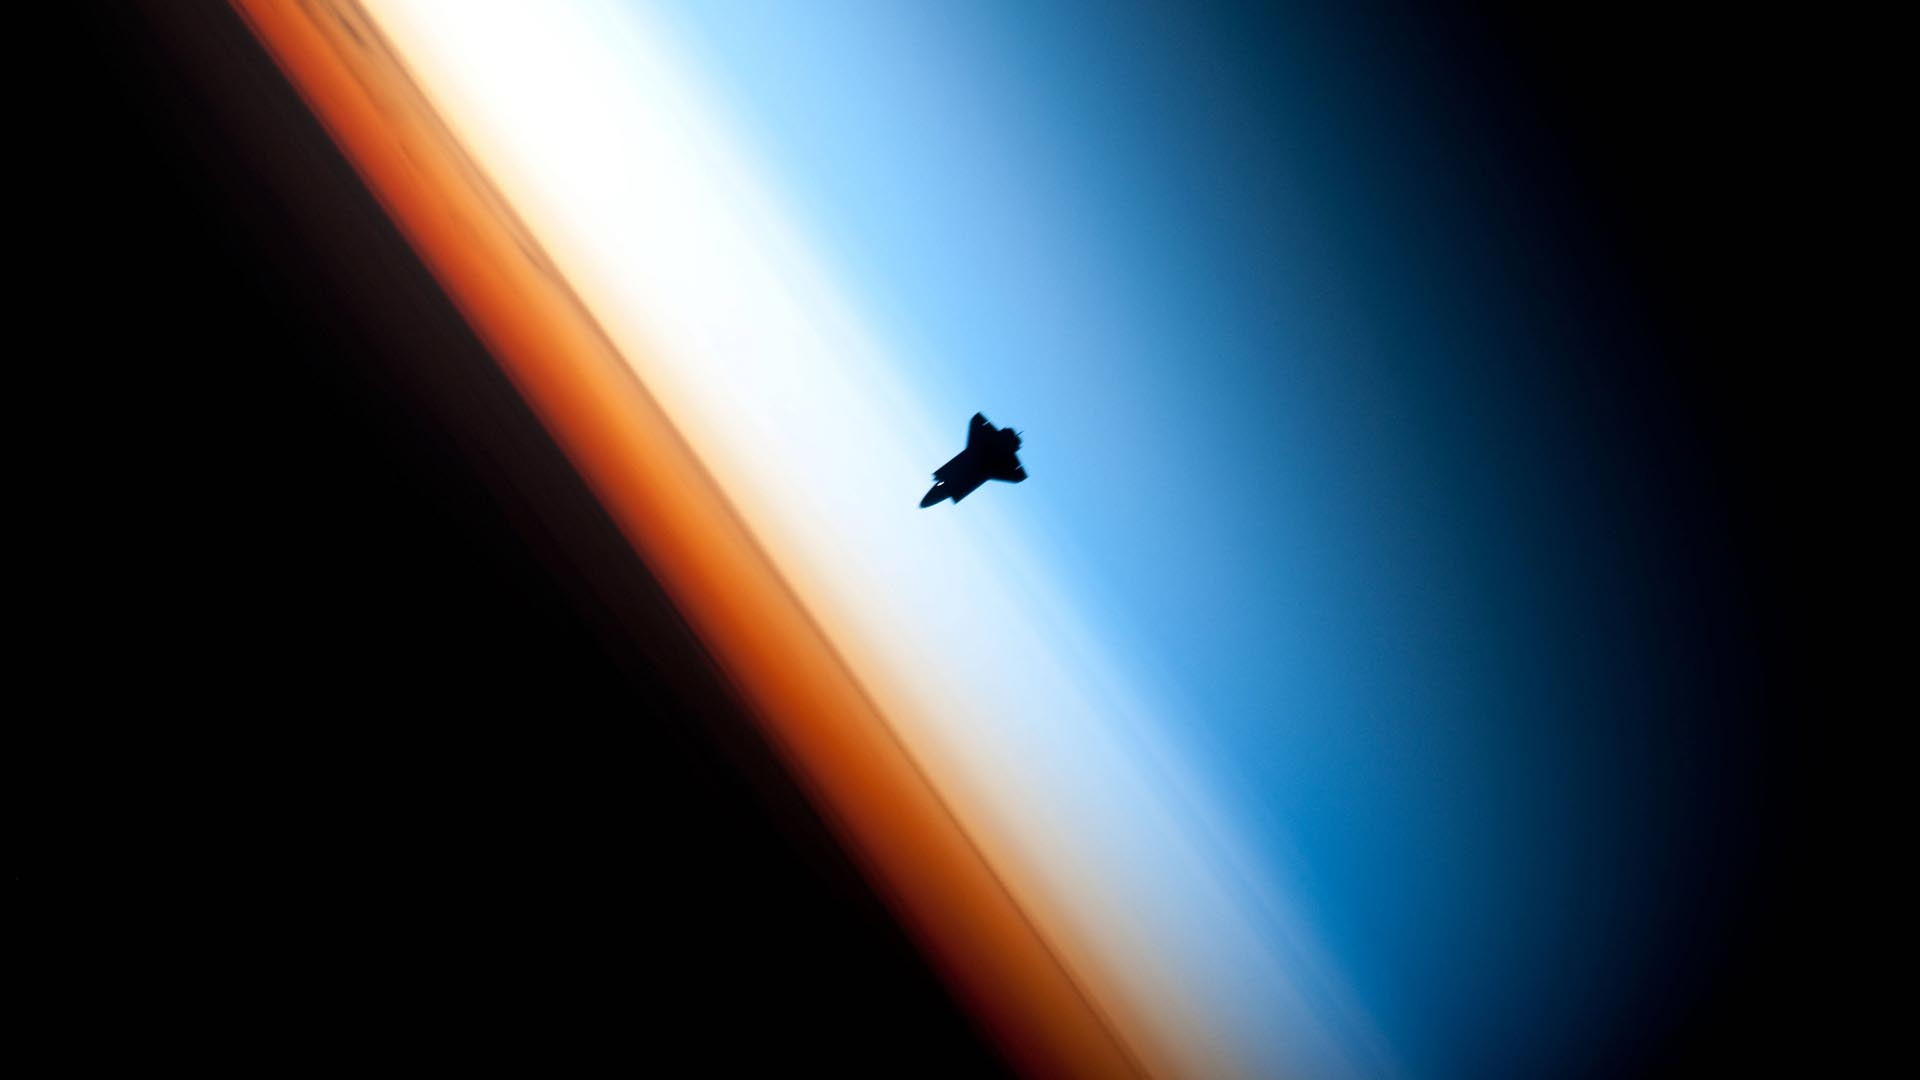 space shuttle wallpaper fullhdwpp 1920x1080